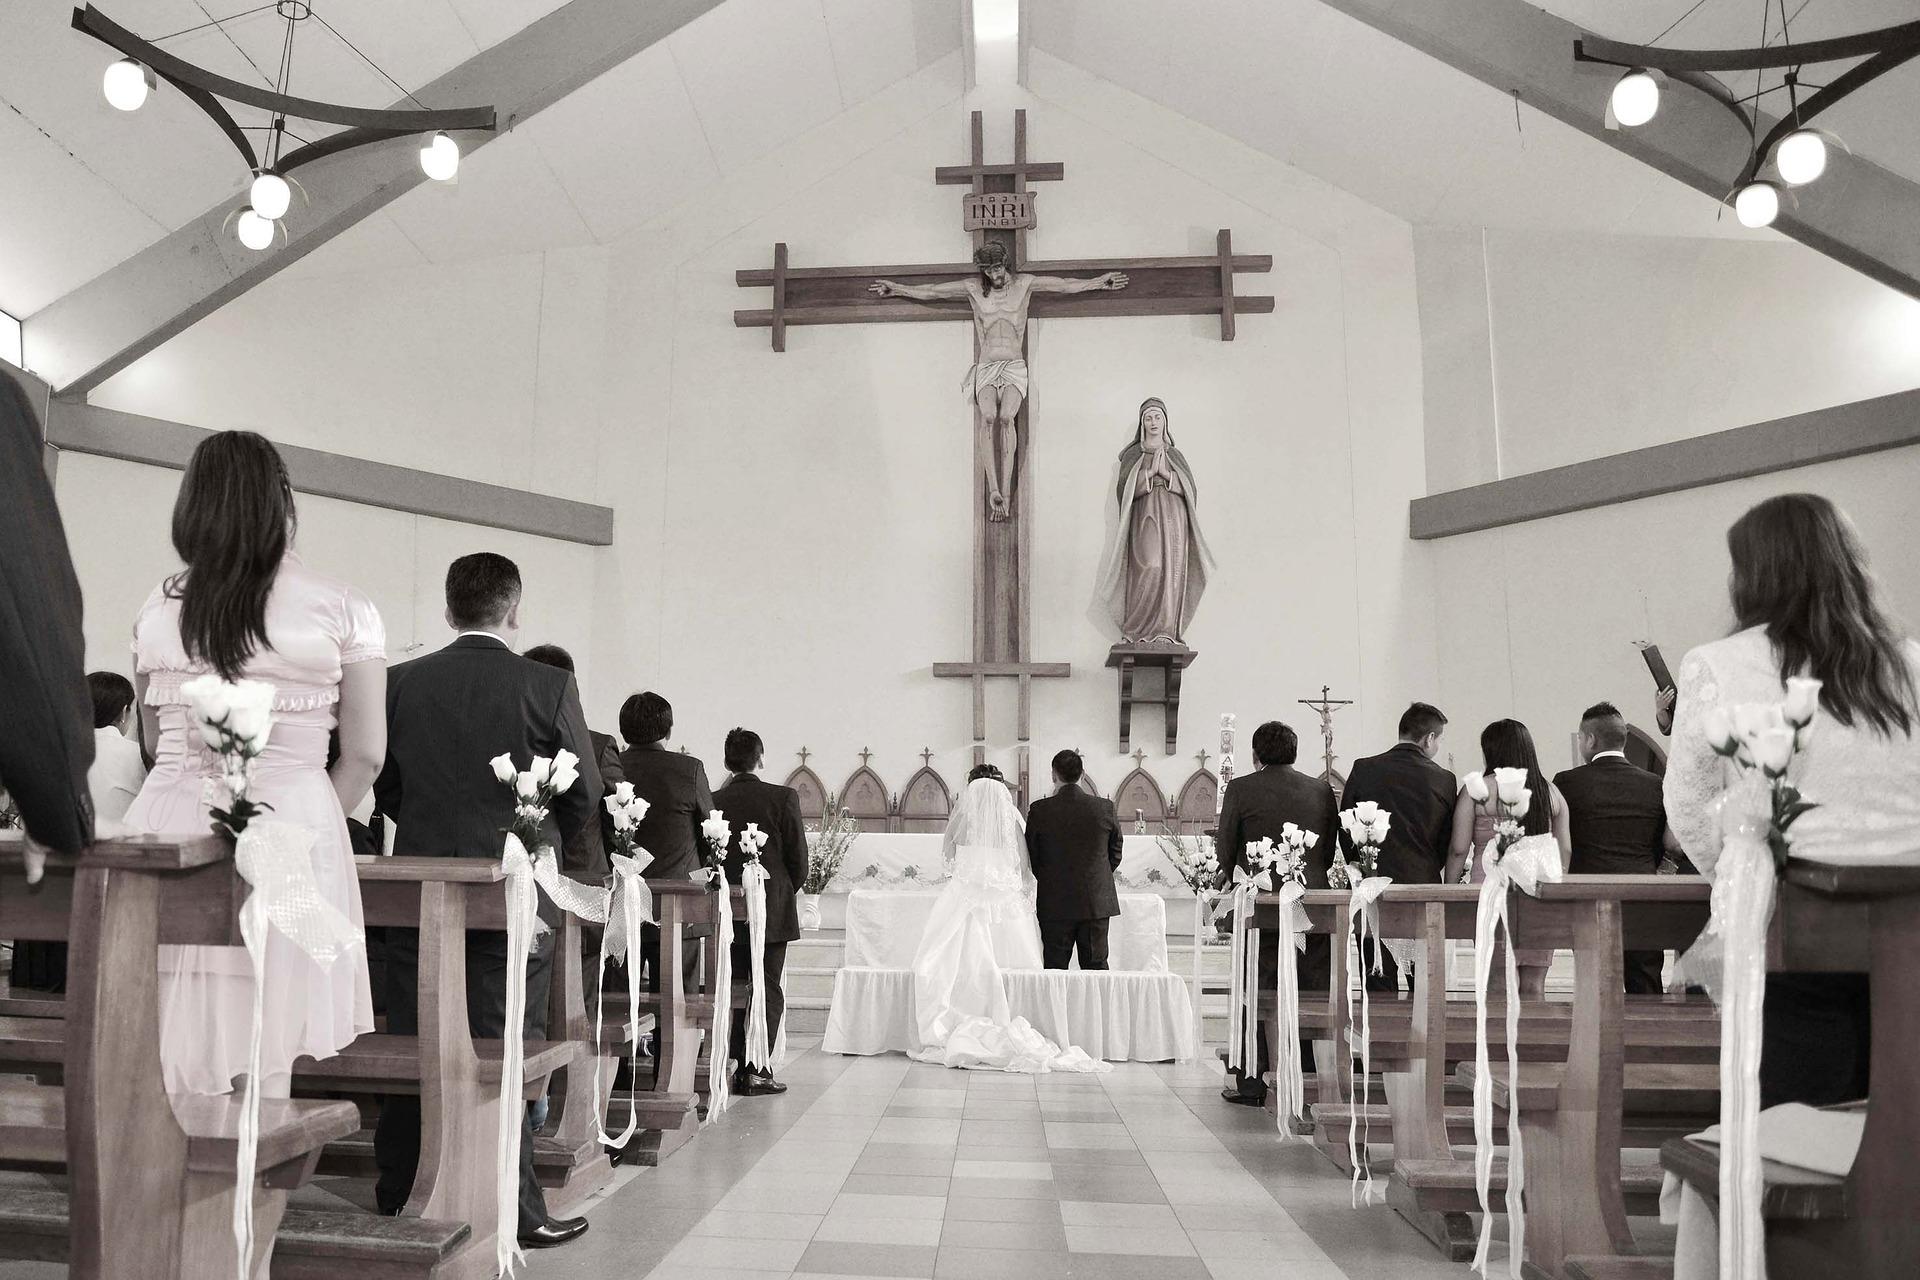 Ceux qui voulaient se marier: mariage civil ou religieux?